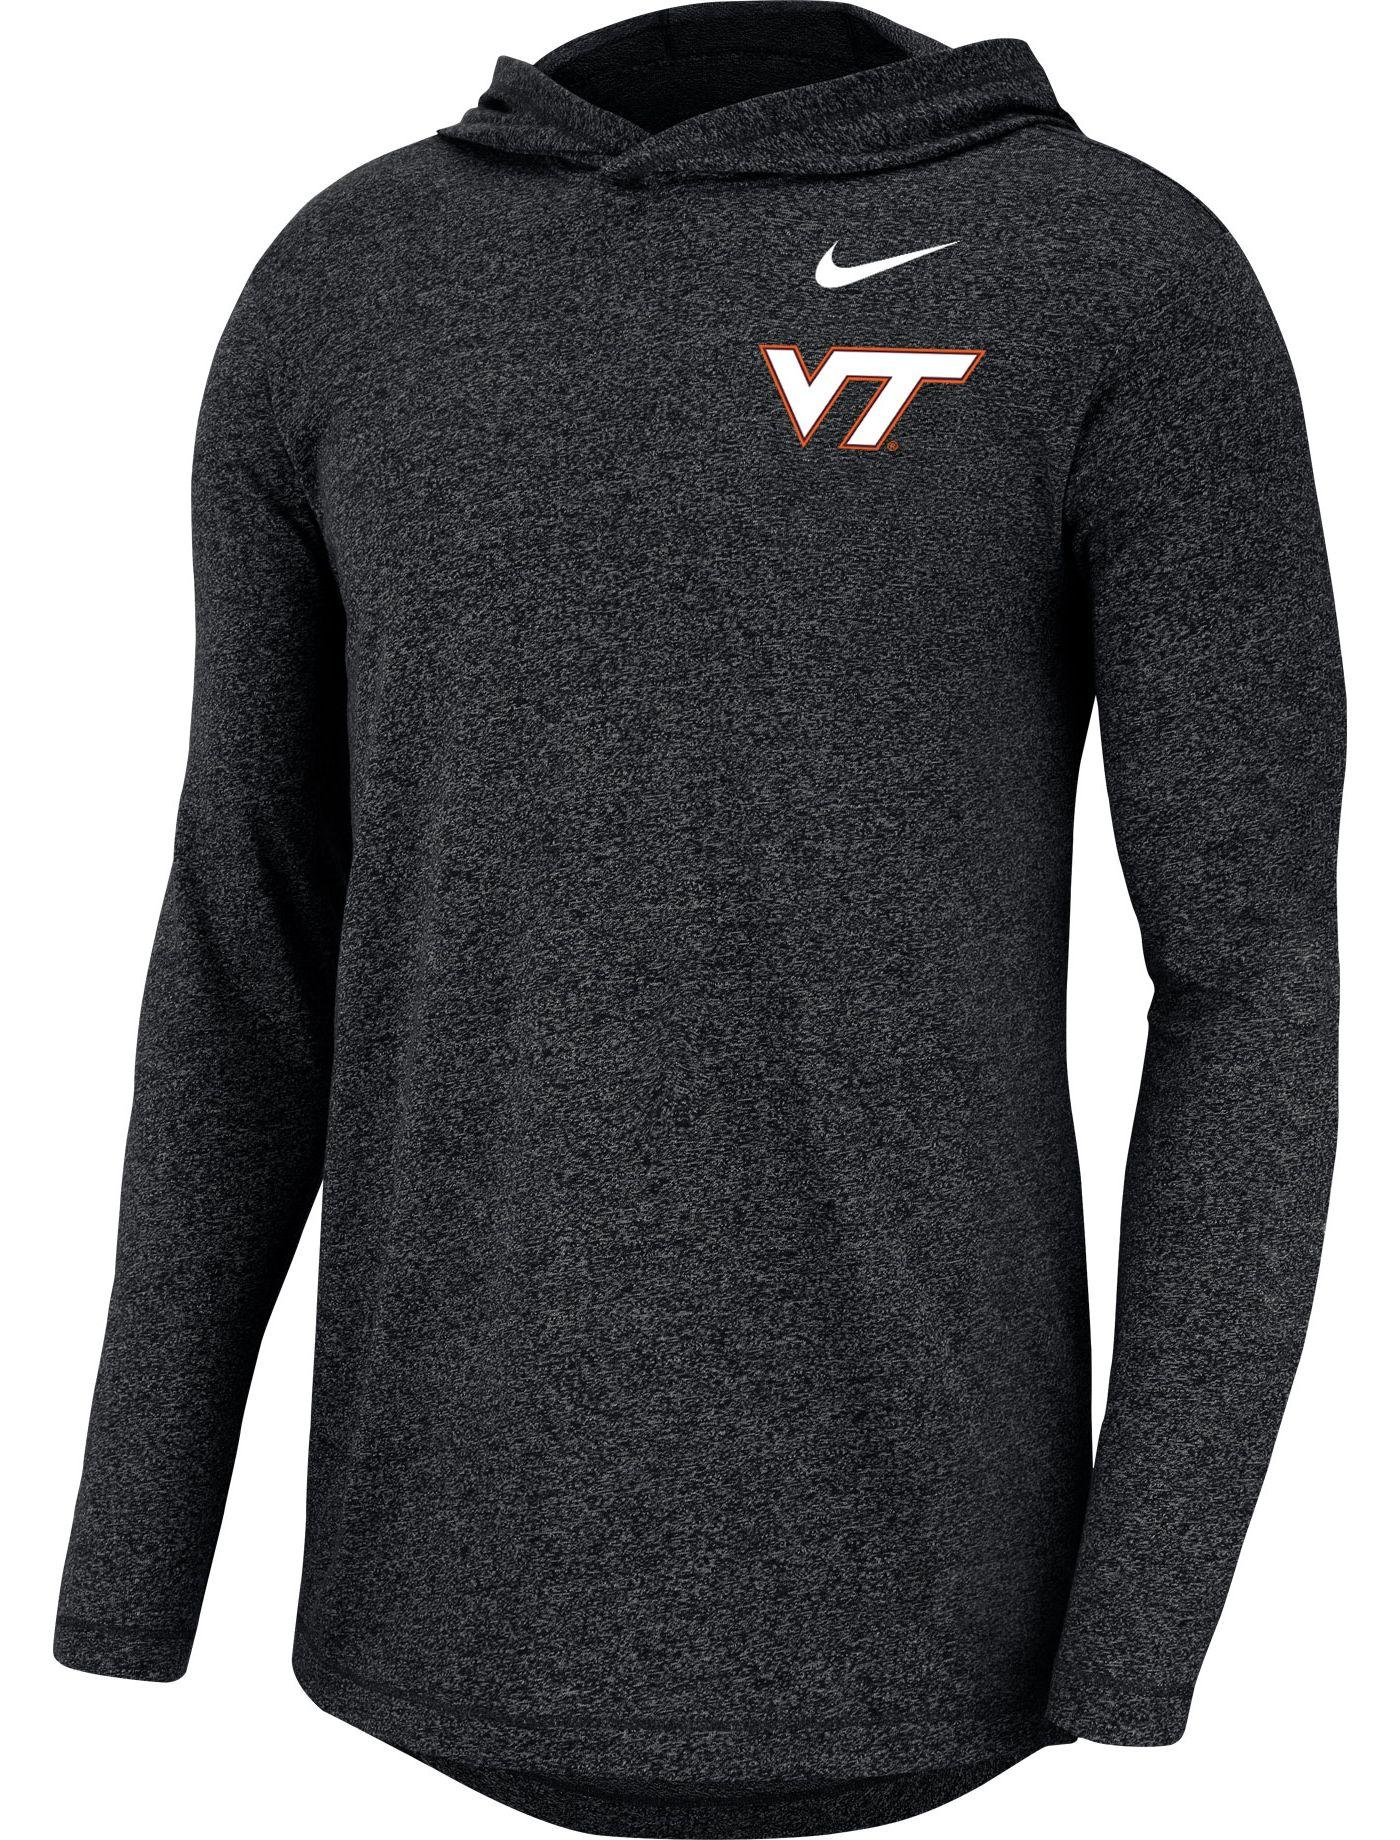 Nike Men's Virginia Tech Hokies Marled Long Sleeve Black Hoodie